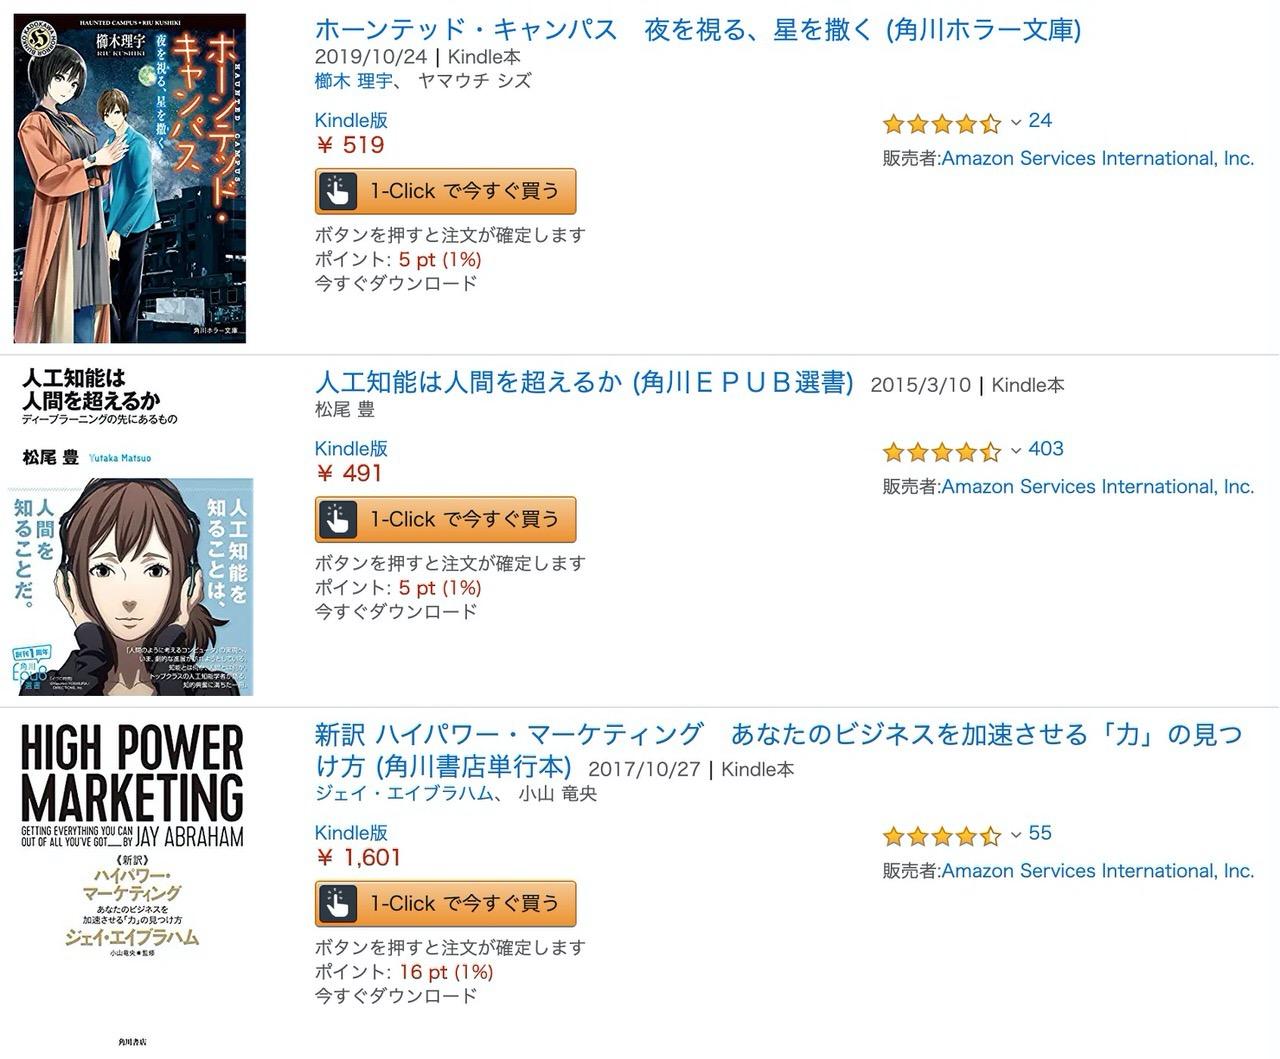 【Kindleセール】神トーーク、ビジネスモデル2.0図鑑、一人の力で日経平均を動かせる男の投資哲学など2,000冊以上が対象「KADOKAWA春の文芸書・ビジネス書フェア」(4/16まで)